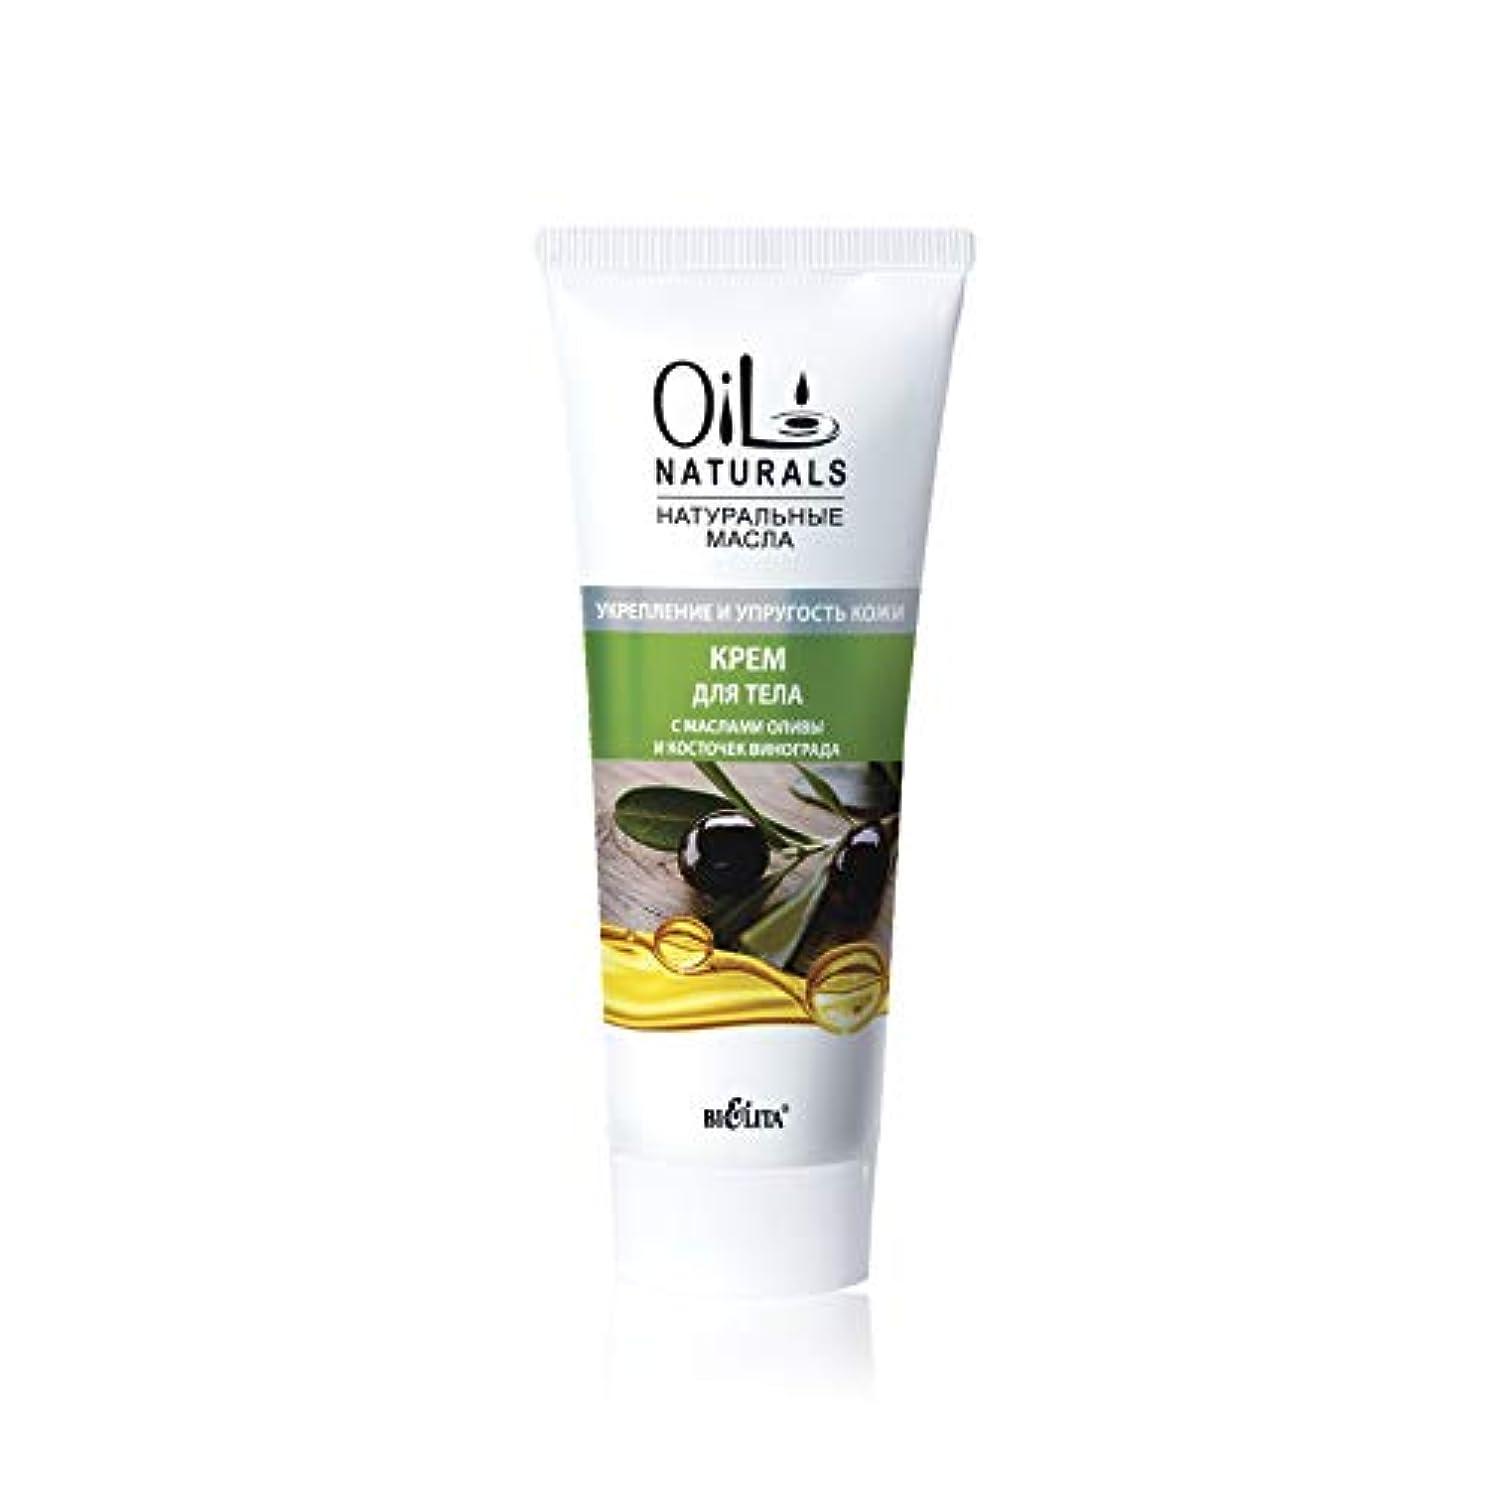 実験的へこみ密度Bielita & Vitex | Oil Naturals Line | Skin Firming & Moisturizing Body Cream, 200 ml | Olive Oil, Silk Proteins...